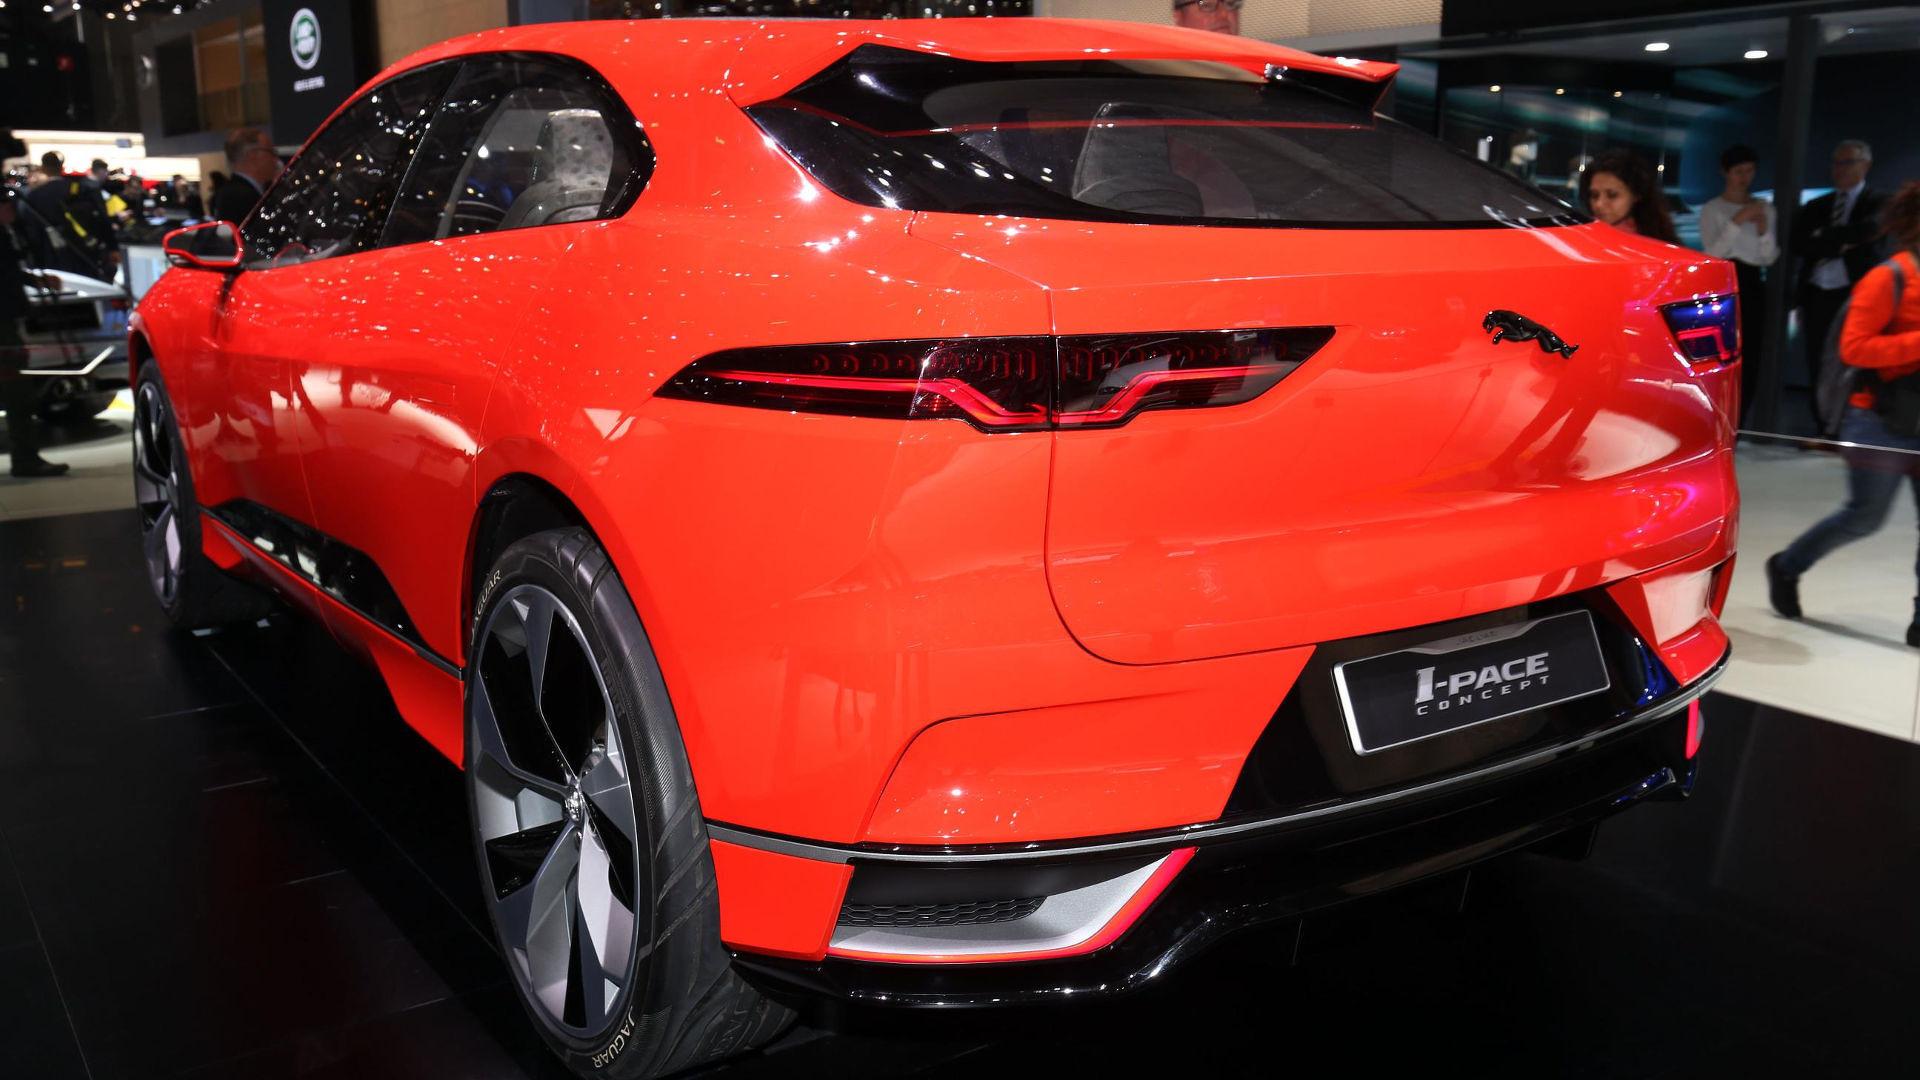 coupe auto angeles car reveal type f dealership jaguar show jaguarleadla spondent los